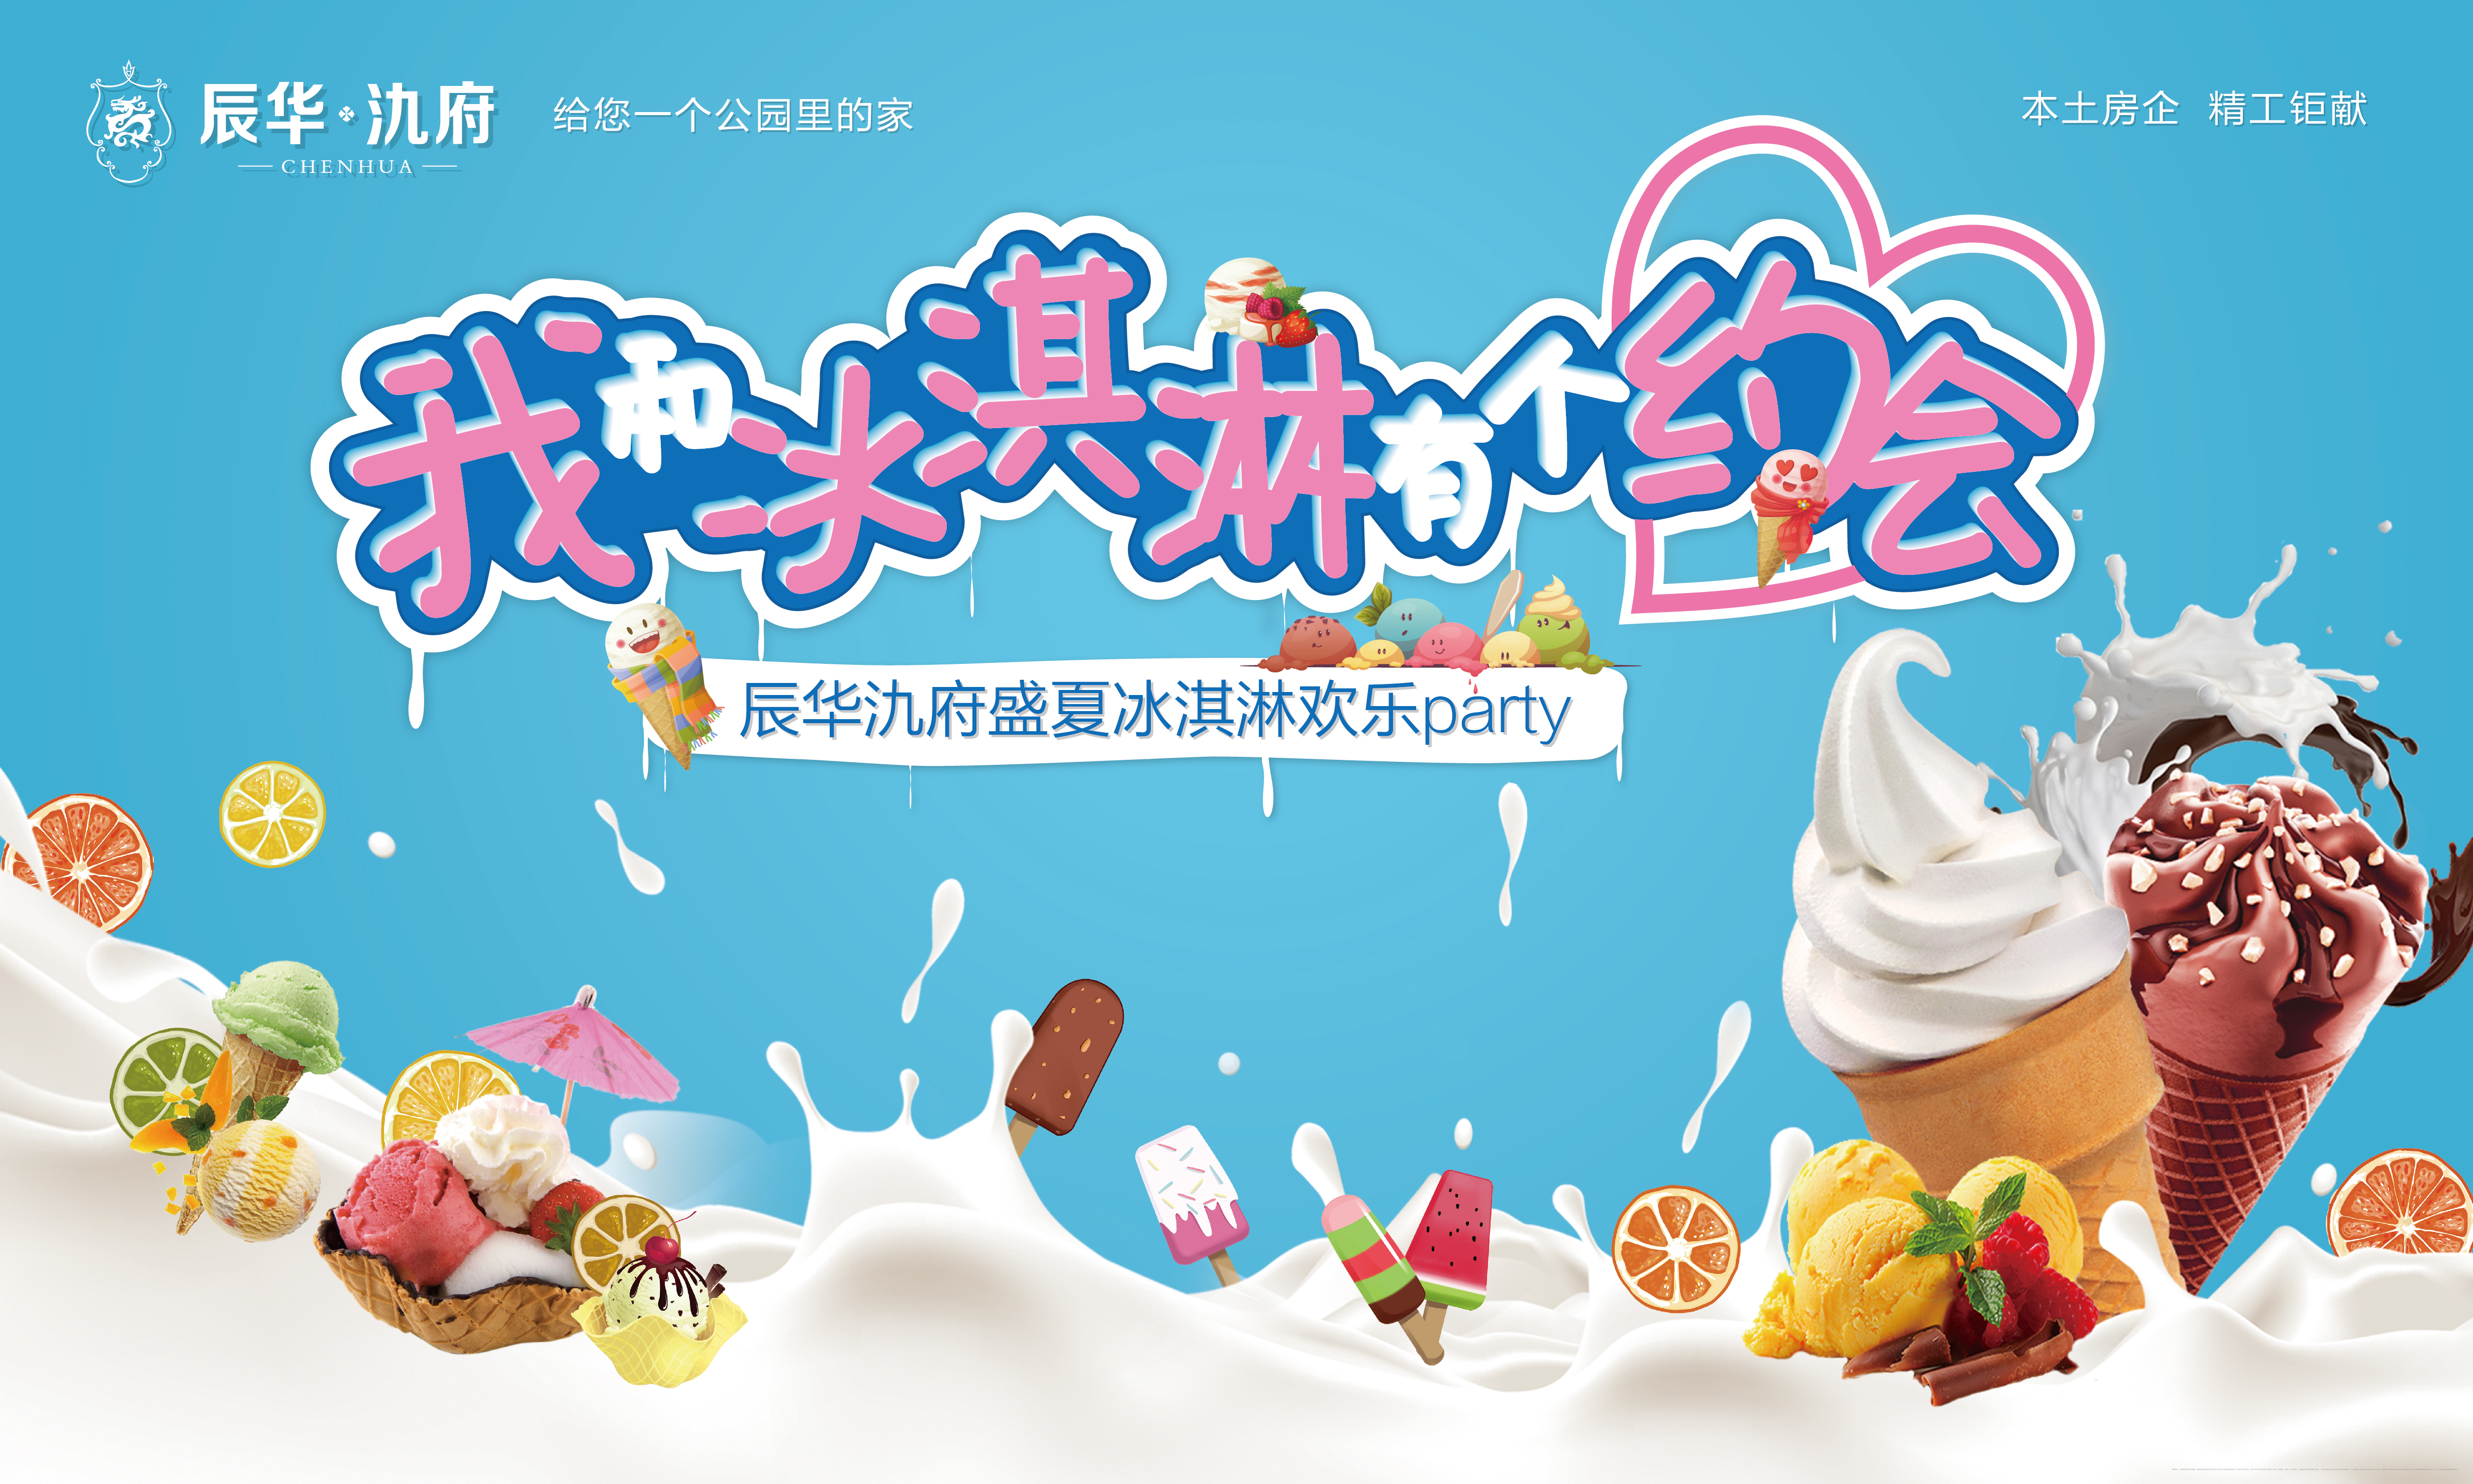 『辰华氿府』盛夏冰淇淋欢乐PARTY